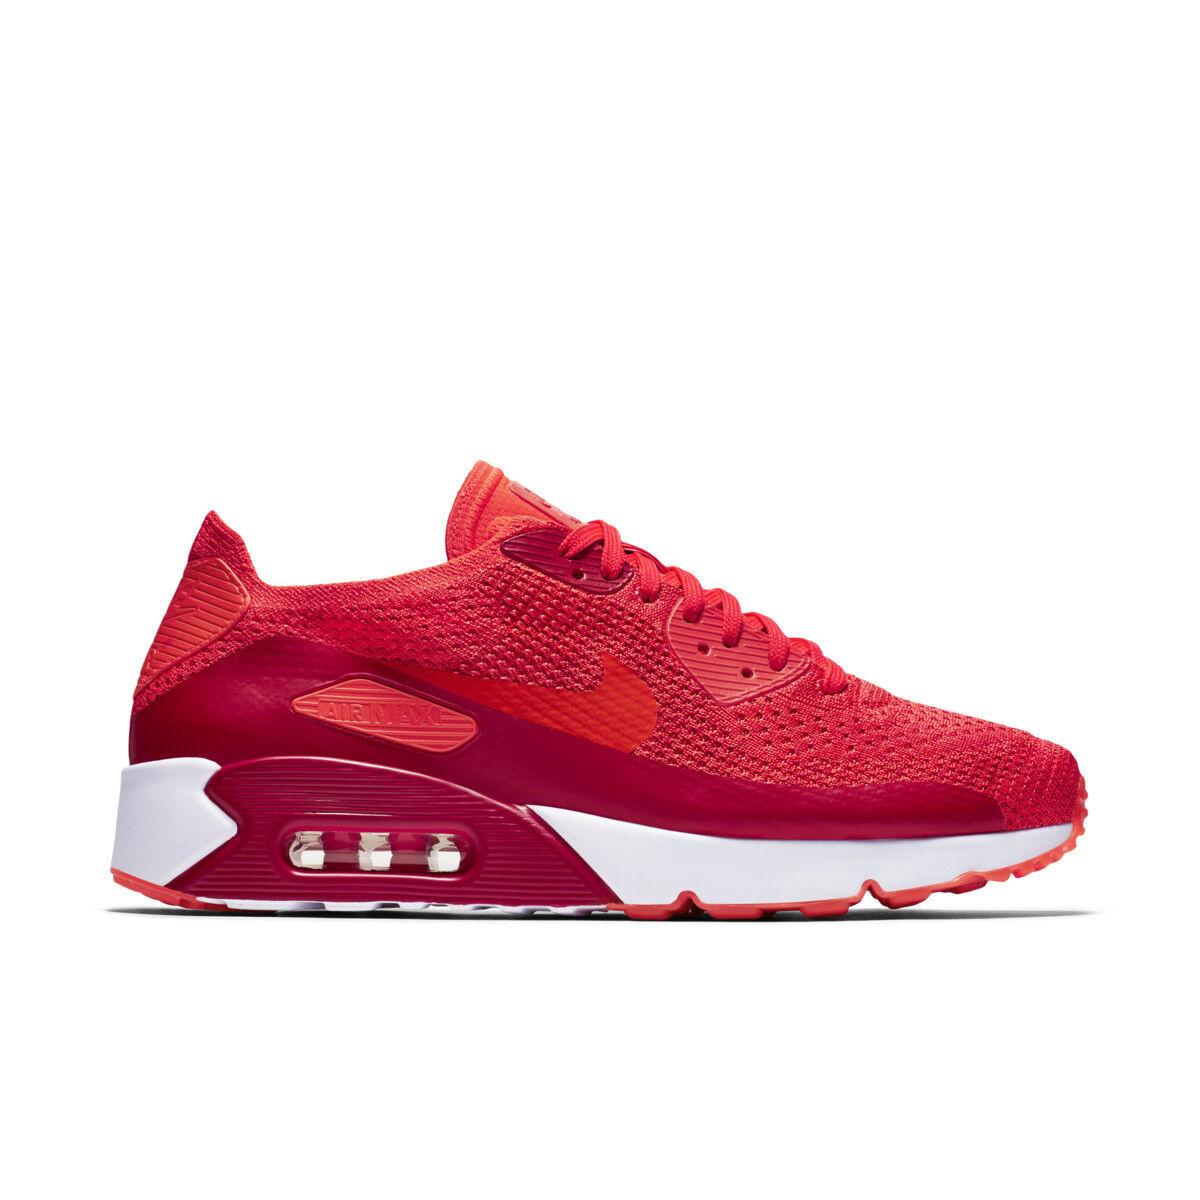 3158e583dda4e Nike Air Max 90 Ultra 2.0 Flyknit UK 9 Bright Crimson Red Trainers ...